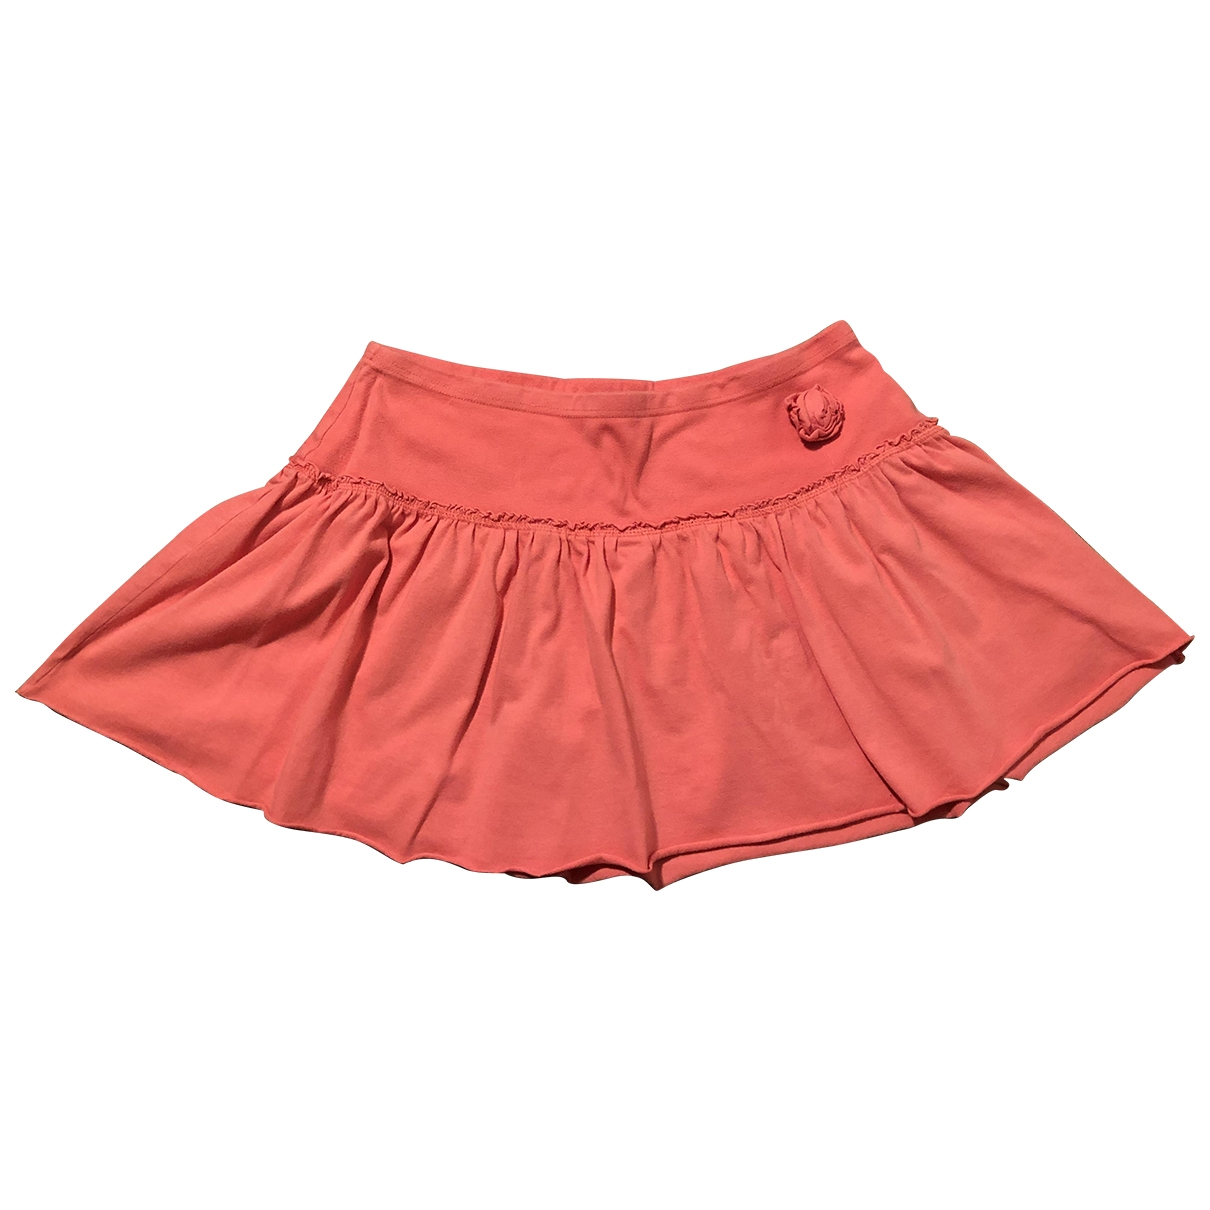 Zara \N Cotton skirt for Kids 16 years - M FR